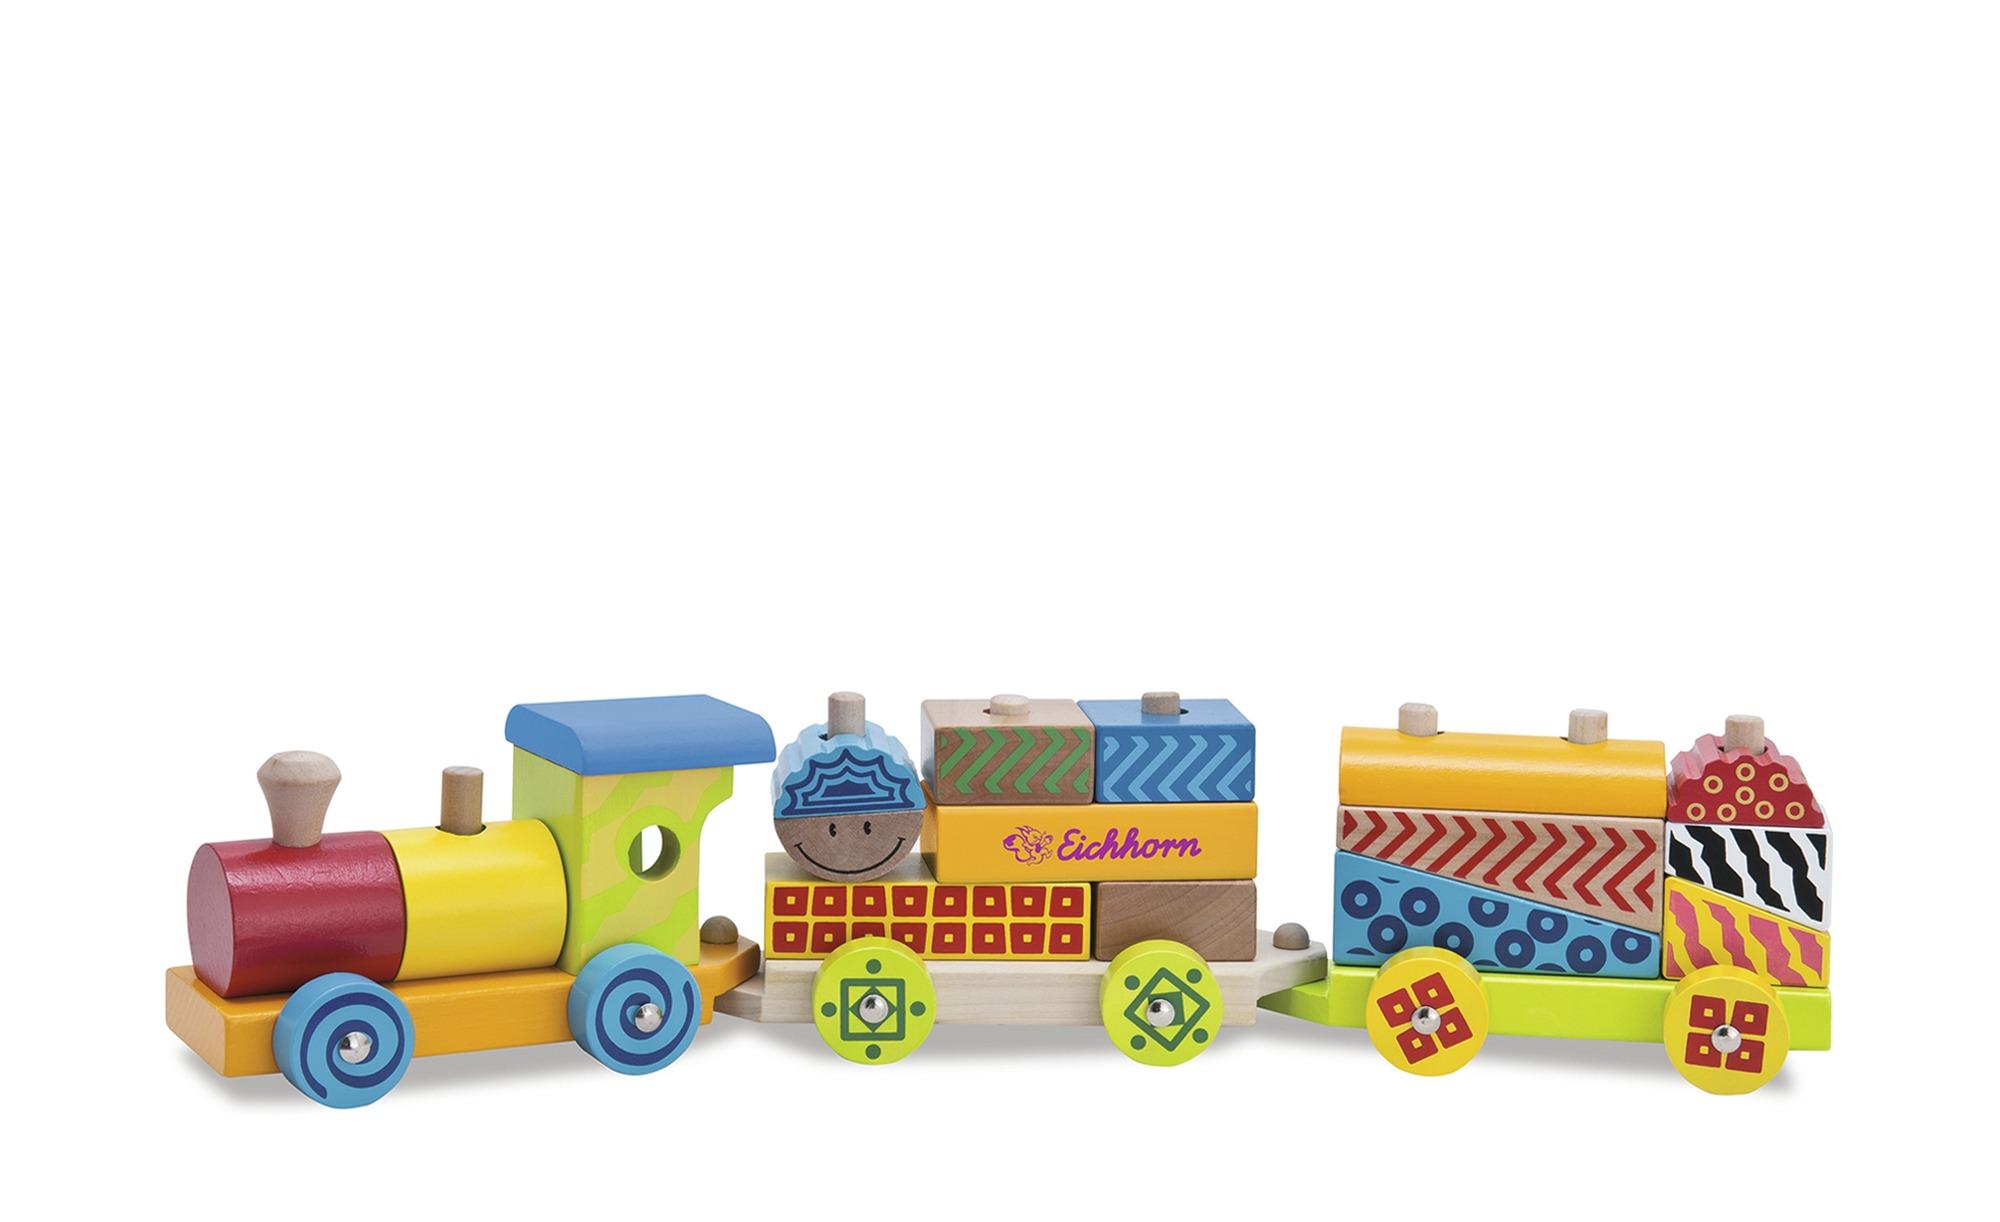 Eichhorn Holzzug  Color ¦ mehrfarbig ¦ Birke massiv, lackiert Baby > Spiele günstig online kaufen